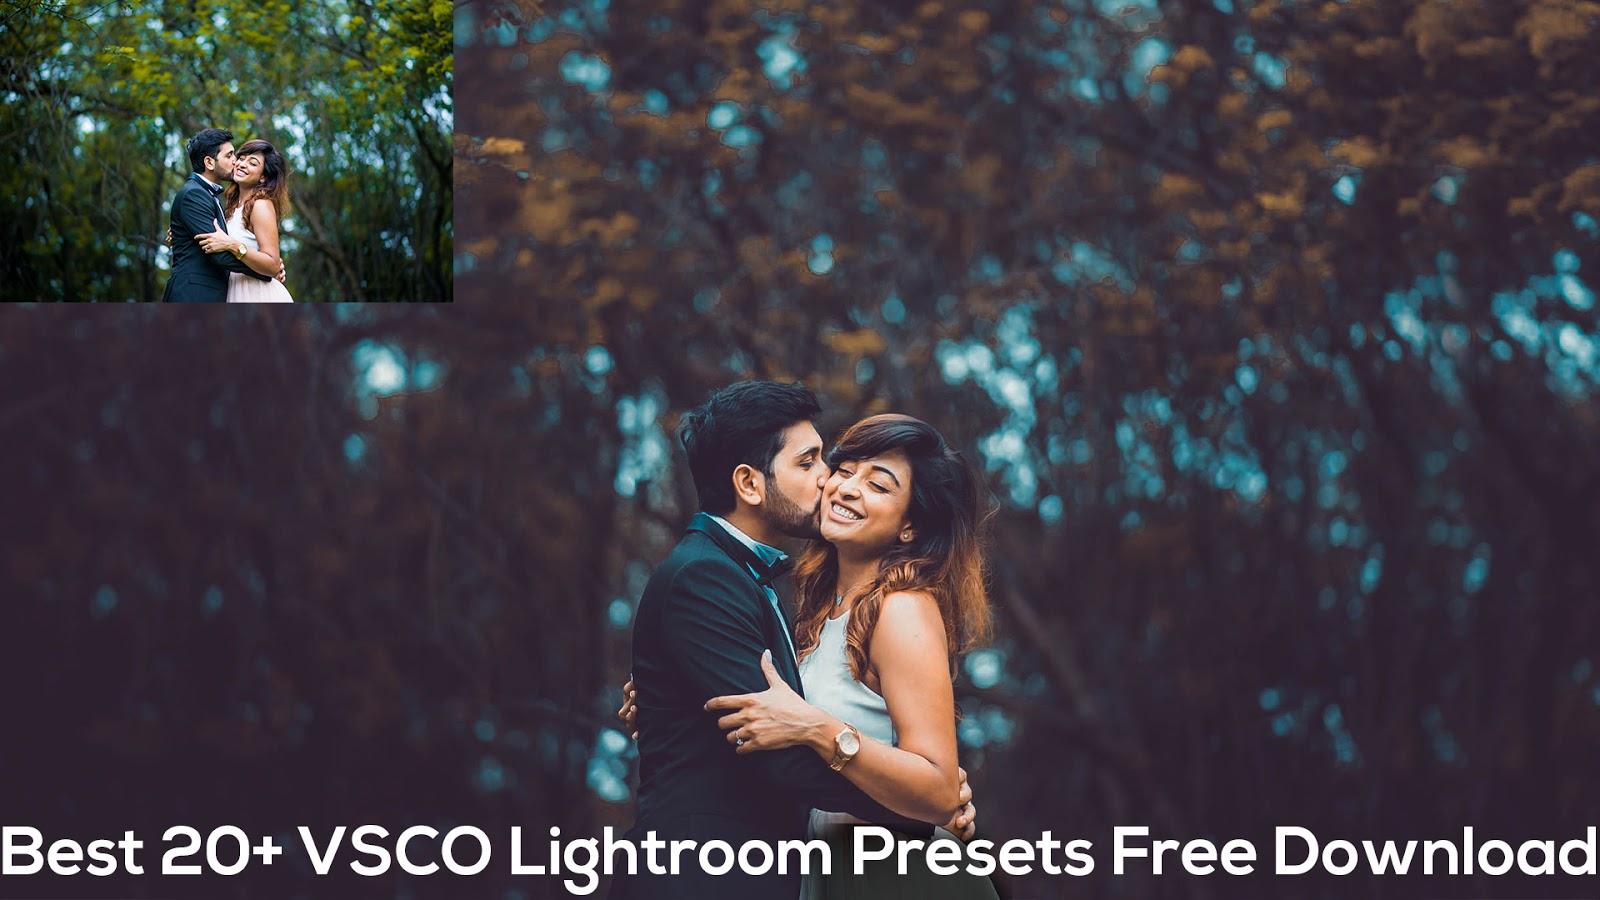 Best 20+ VSCO Lightroom Presets Free Download | Best Lightroom